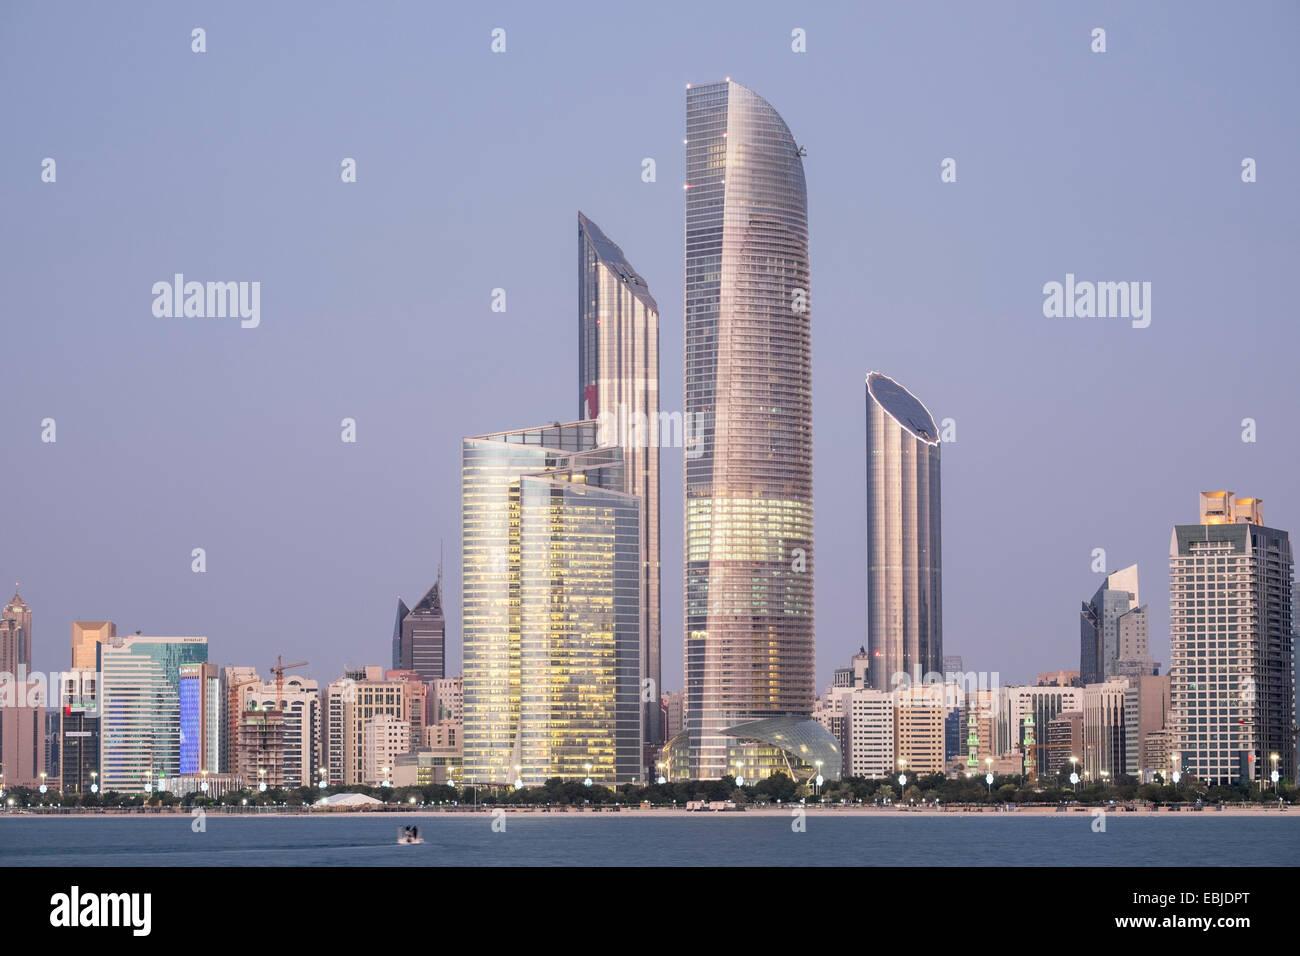 Horizonte de edificios modernos a lo largo de la Corniche waterfront en Abu Dhabi, Emiratos Árabes Unidos Imagen De Stock